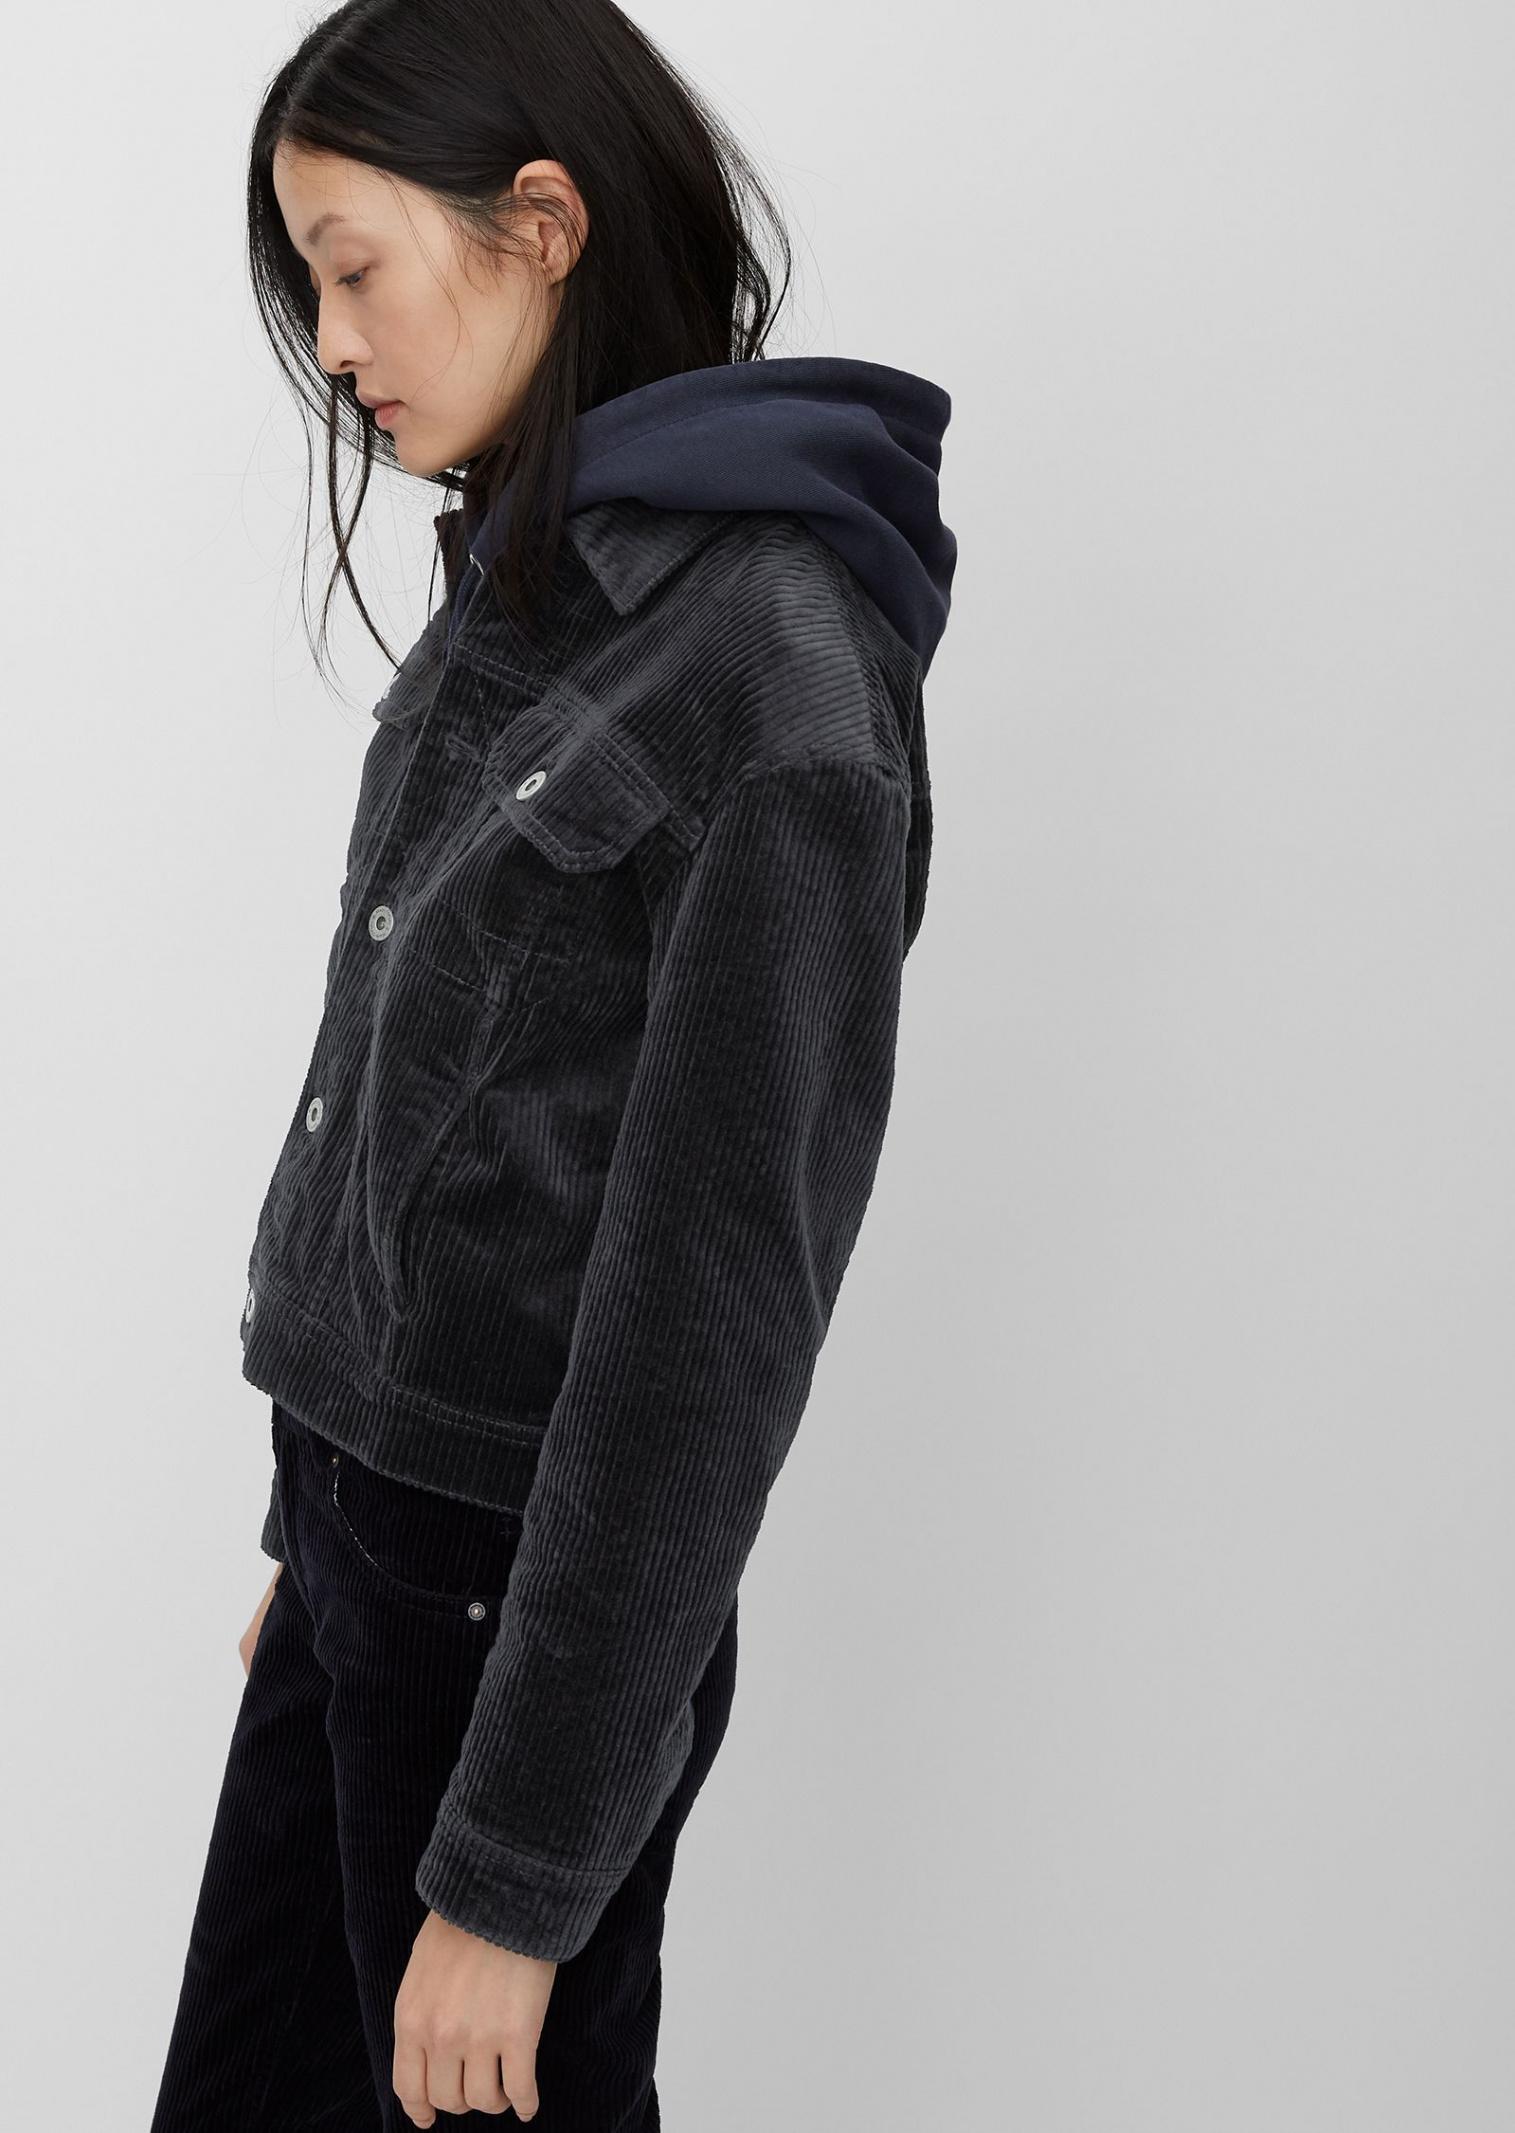 MARC O'POLO Куртка жіночі модель 000044425033-871 якість, 2017